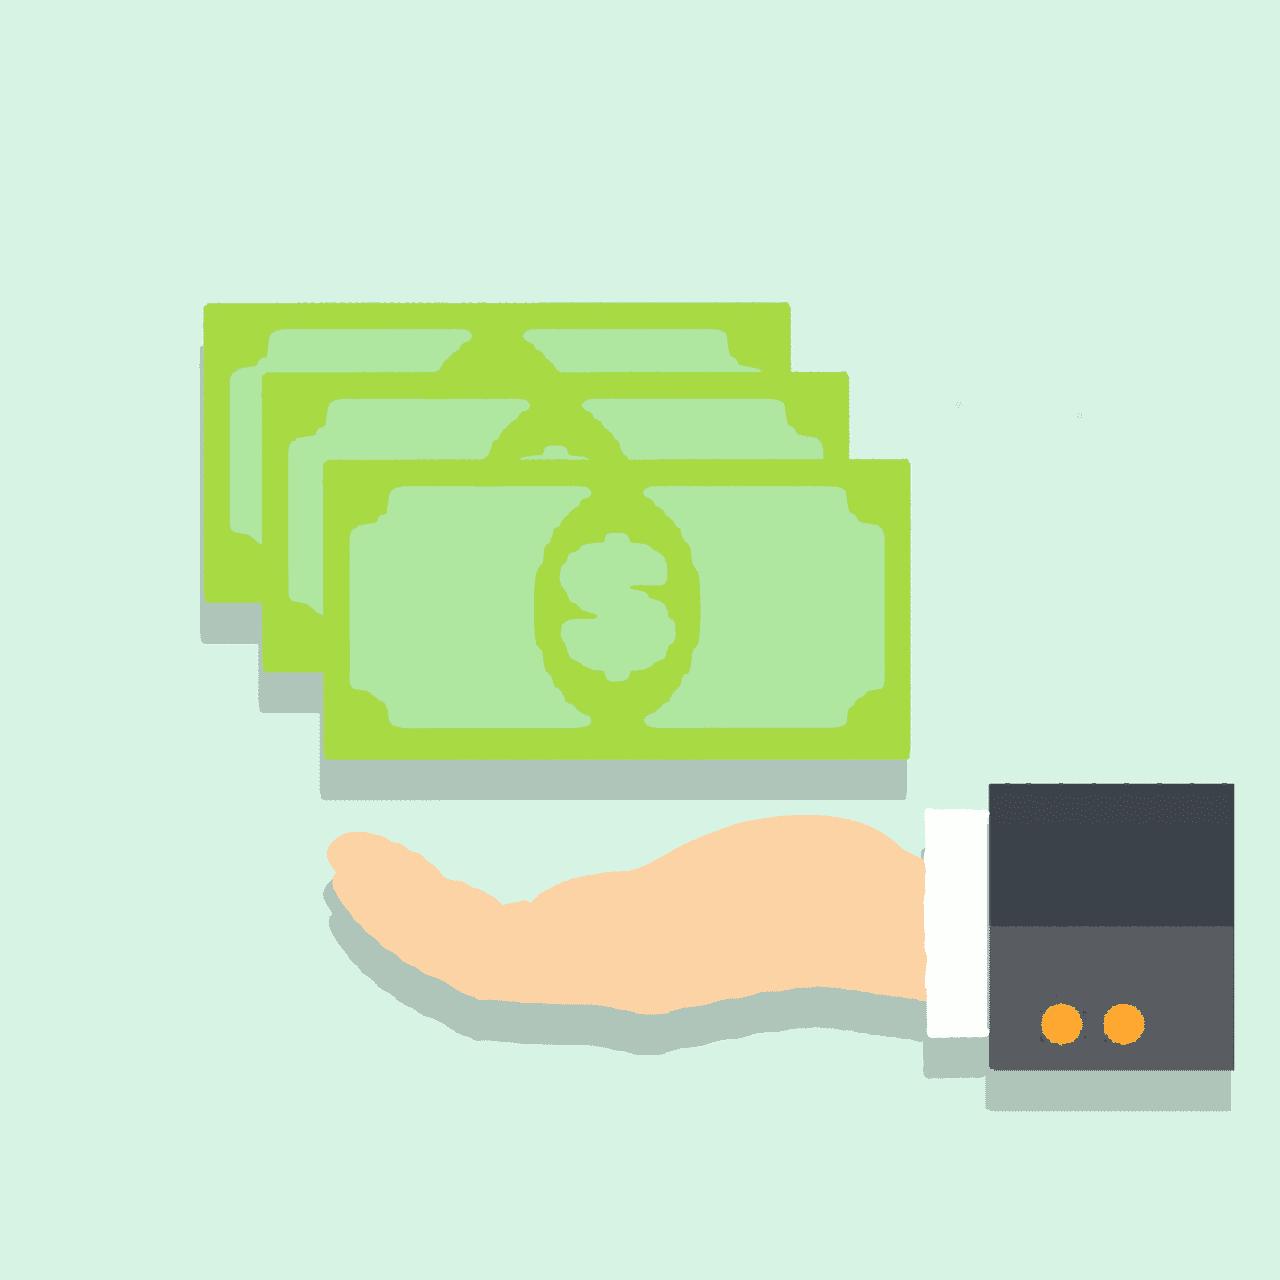 無料の給与計算ソフト3選!少人数・小規模に適した安い方法は?